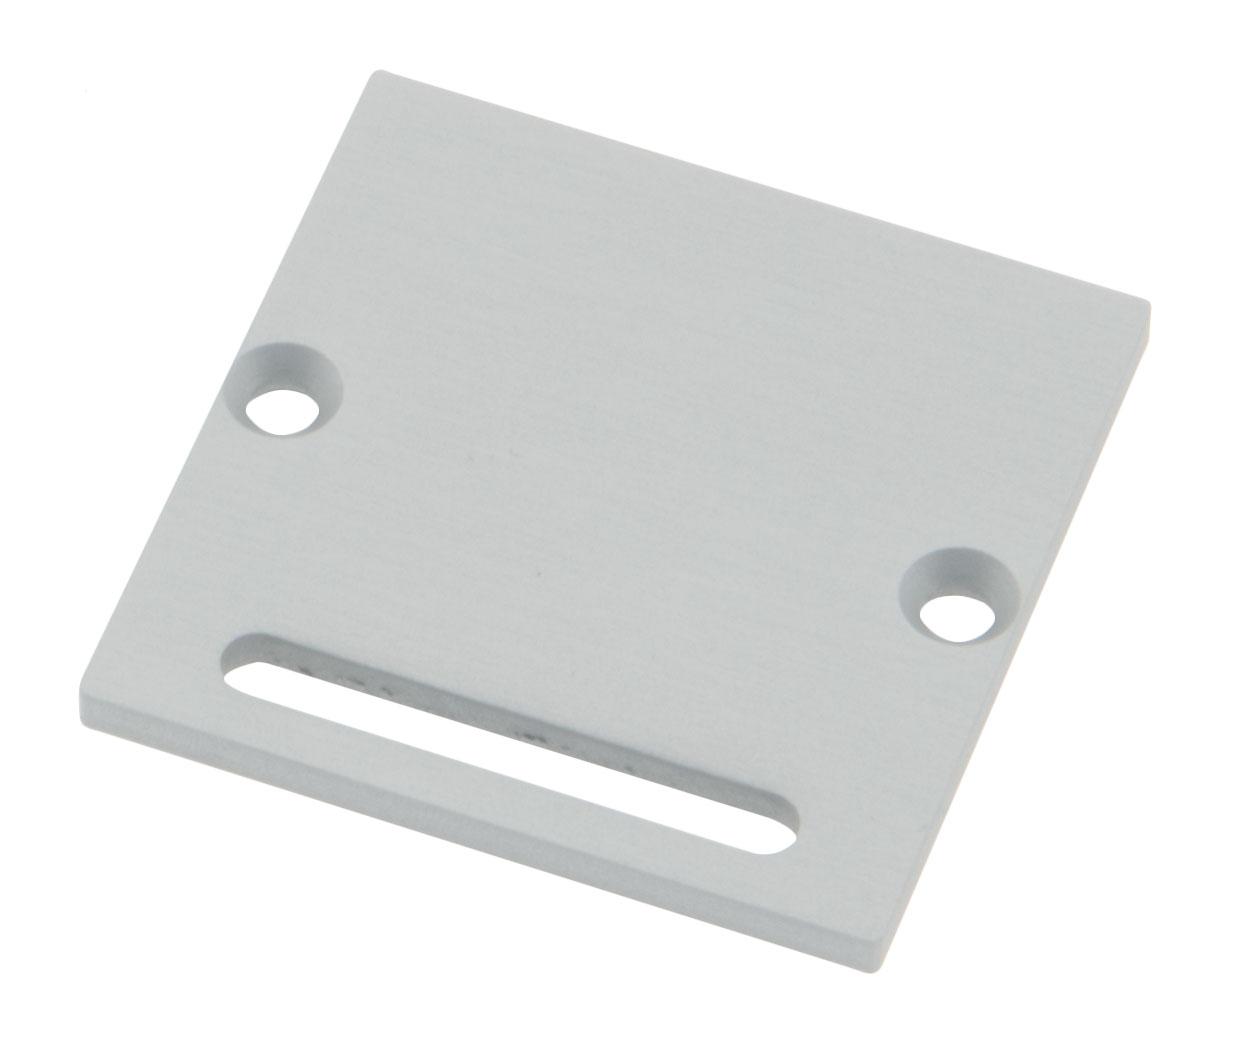 1 Stk Profil Endkappe CLR Flach mit Langloch inkl. Schrauben LIEK006201